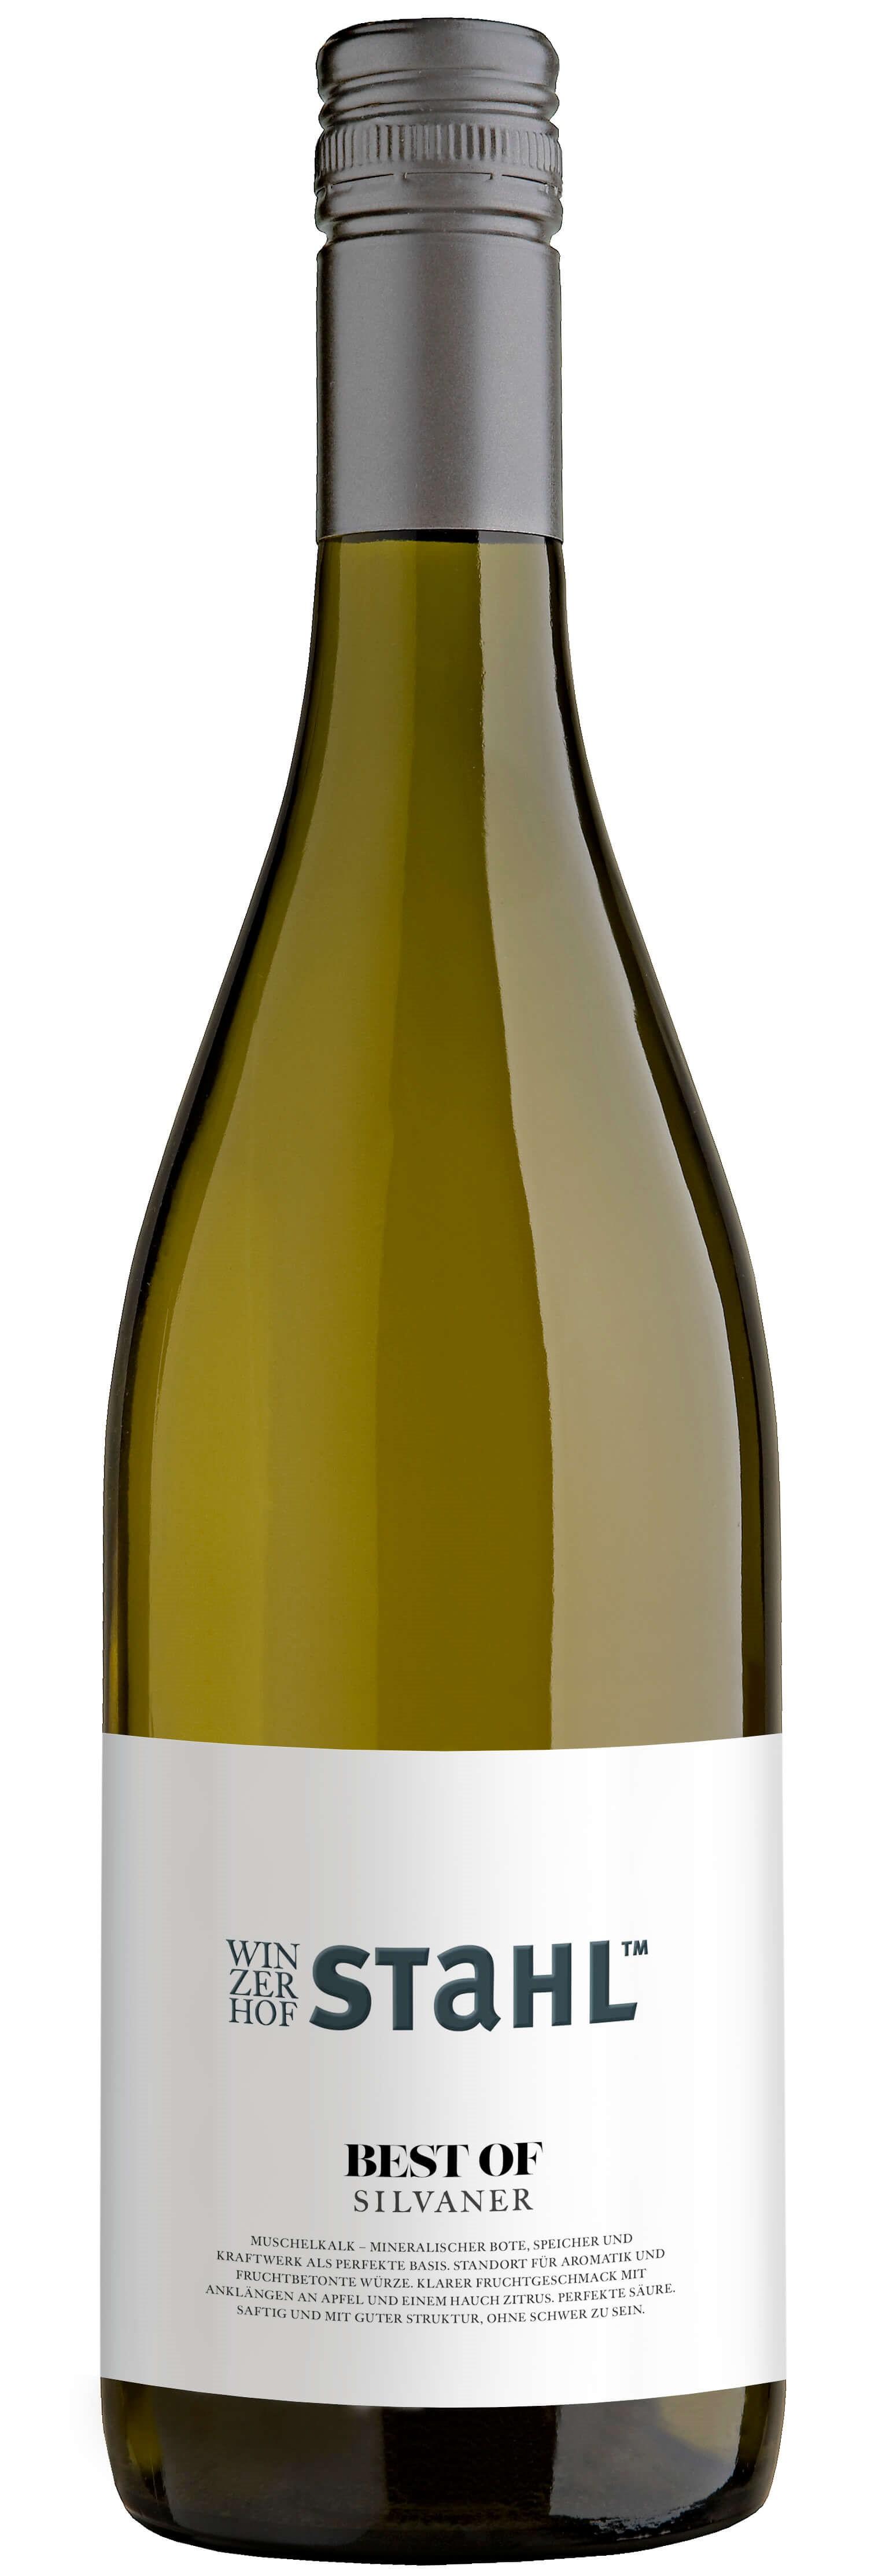 2020 Silvaner Best of Qualitätswein